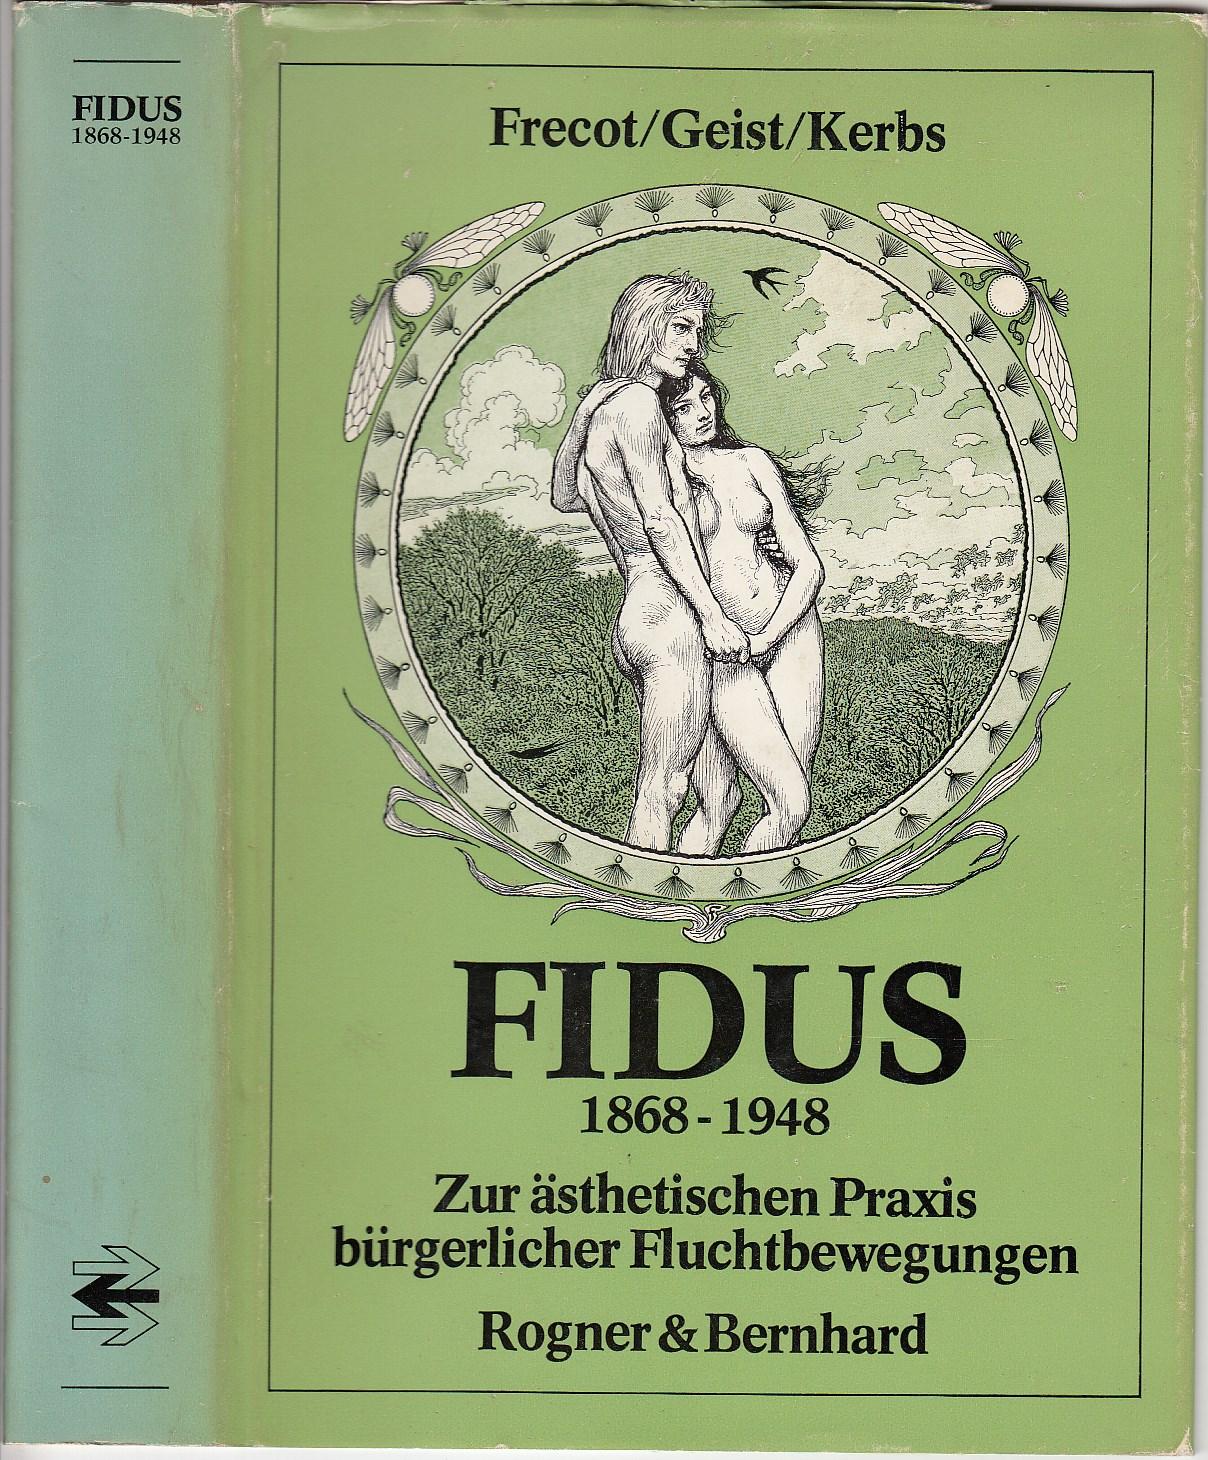 Frecot, Janos, Geist, J.F., Kerbs, Diethart. Fidus 1868-1948. Zur ästhetischen Praxis bürgerlicher Fluchtbewegungen. Zahlreiche Abbildungen.